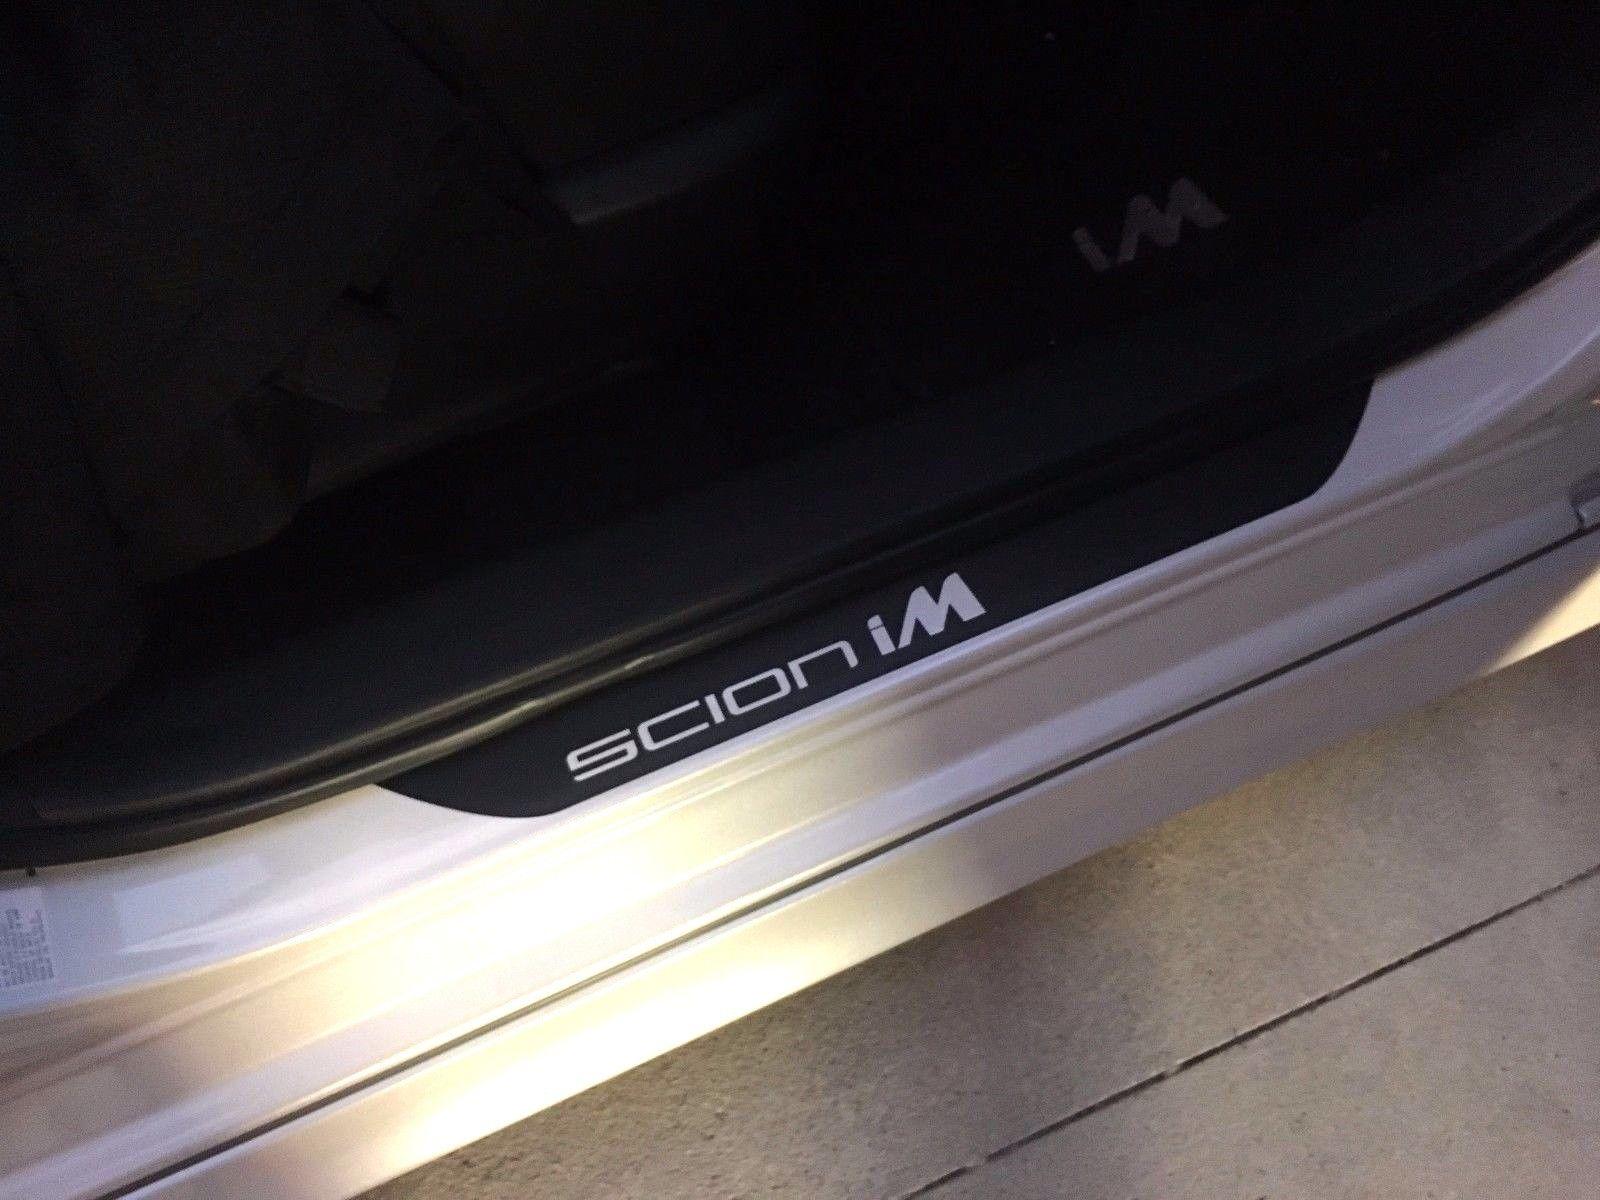 Scion iM Einstiegsleisten-Aufkleber JDM VIP SCION STYLE